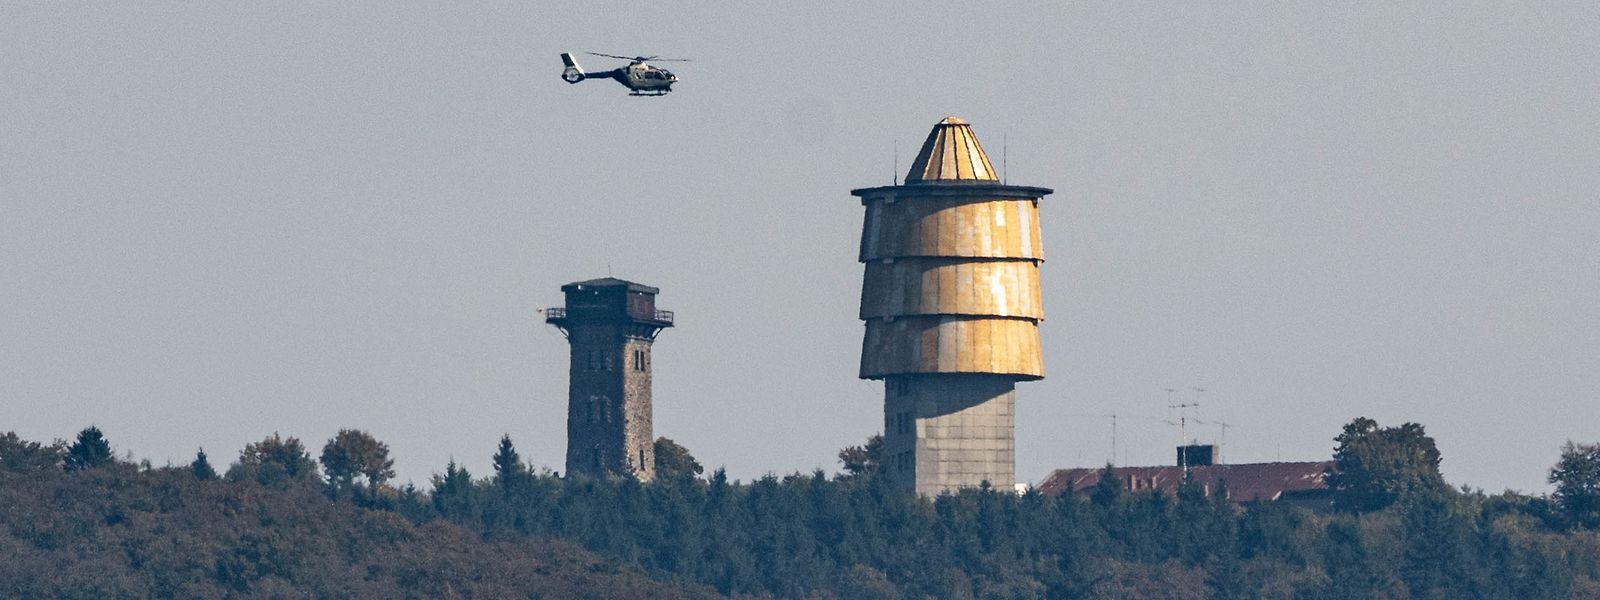 Mit einem Hubschrauber wird am tschechischen Berg Cerchov nach dem Kind gesucht.